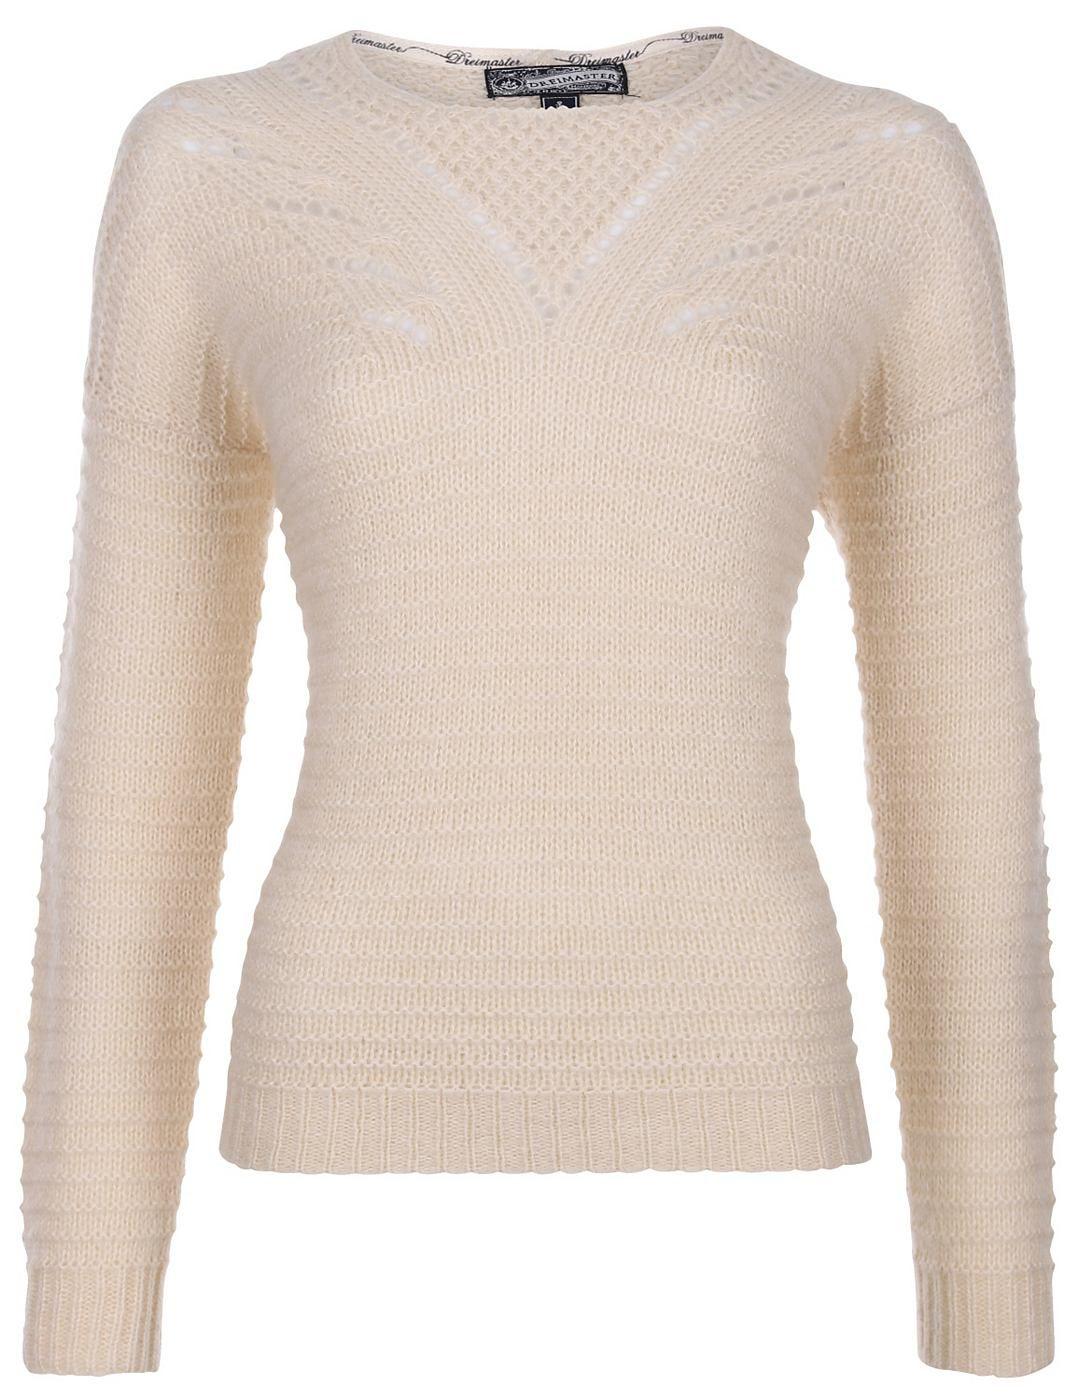 Pullover Detailreicher Pullover Aus Weichem Flauschigen Garn Im